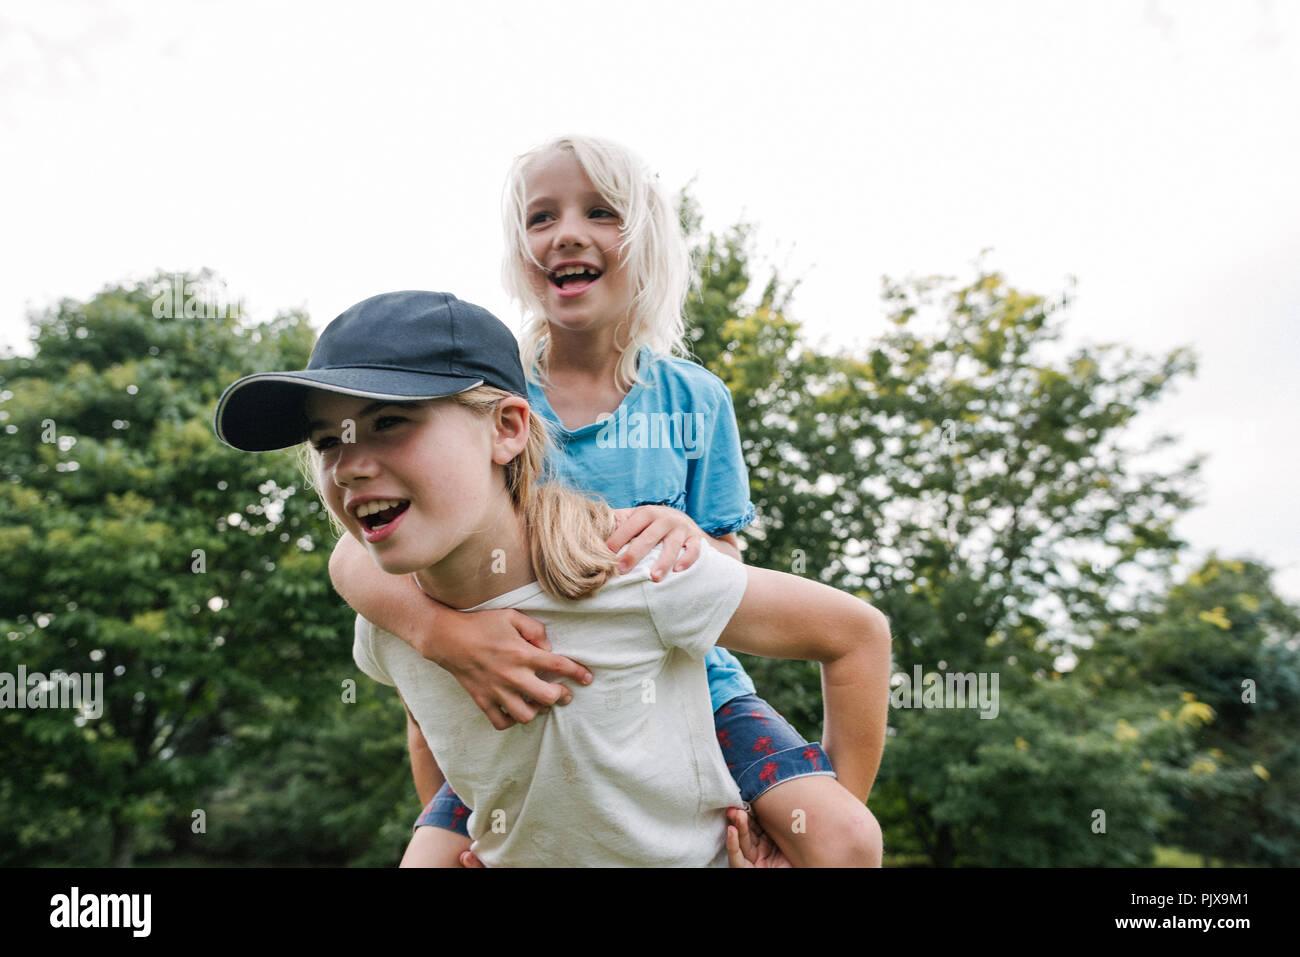 Niños jugando en el parque piggyback Imagen De Stock